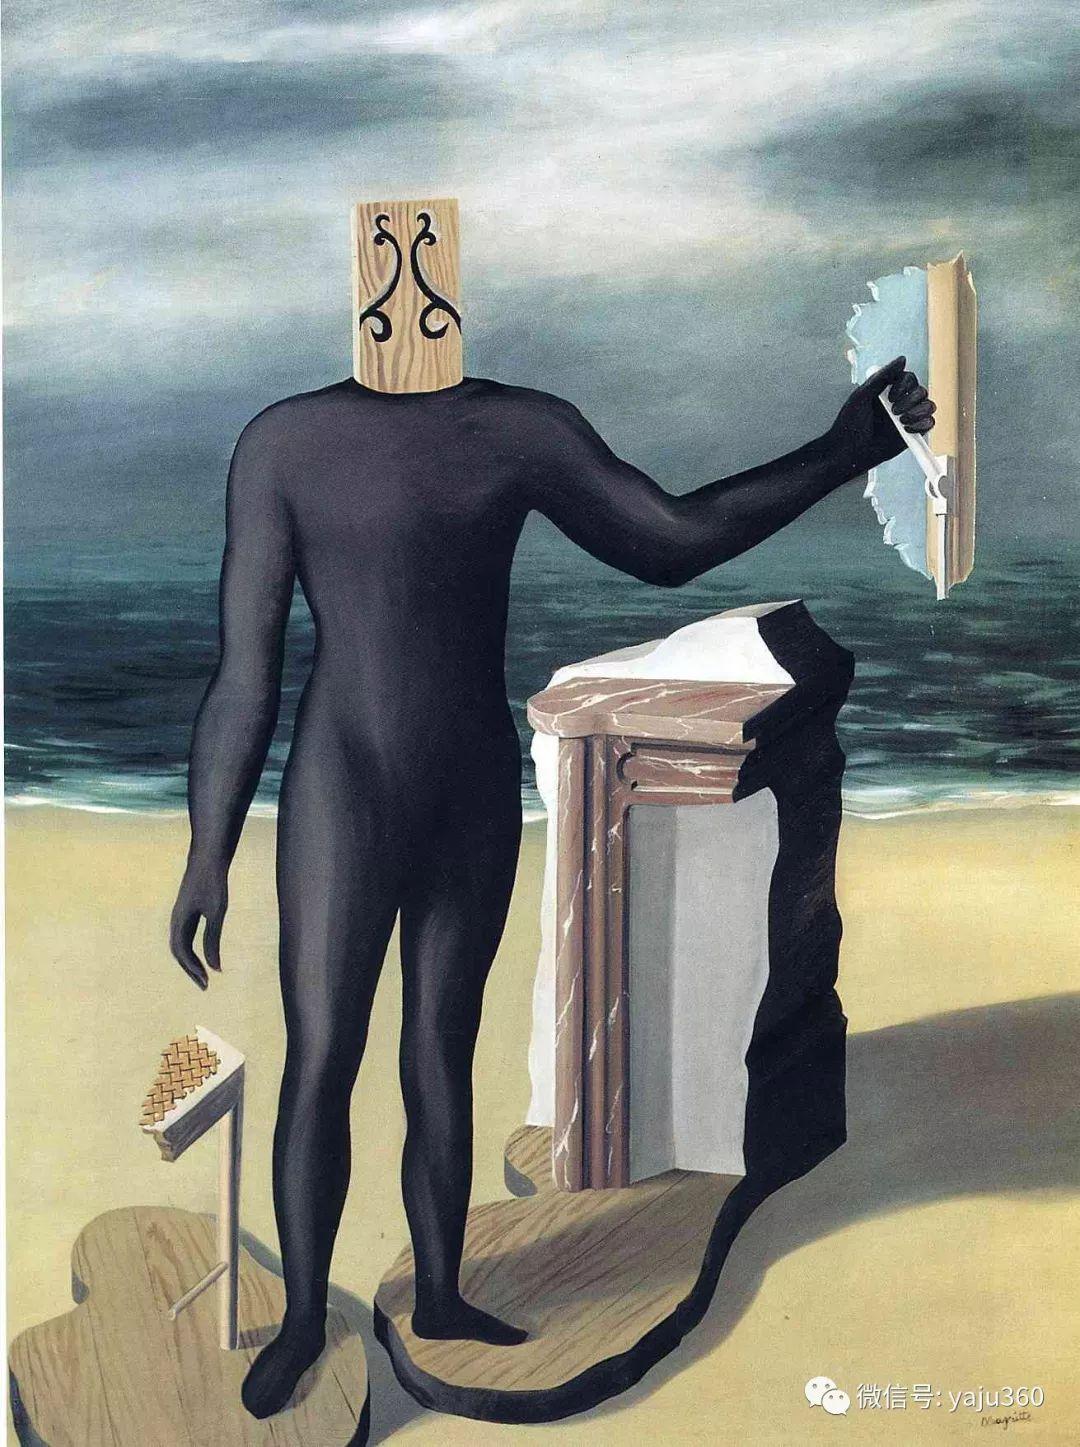 超现实主义 比利时画家Rene Magritte插图79